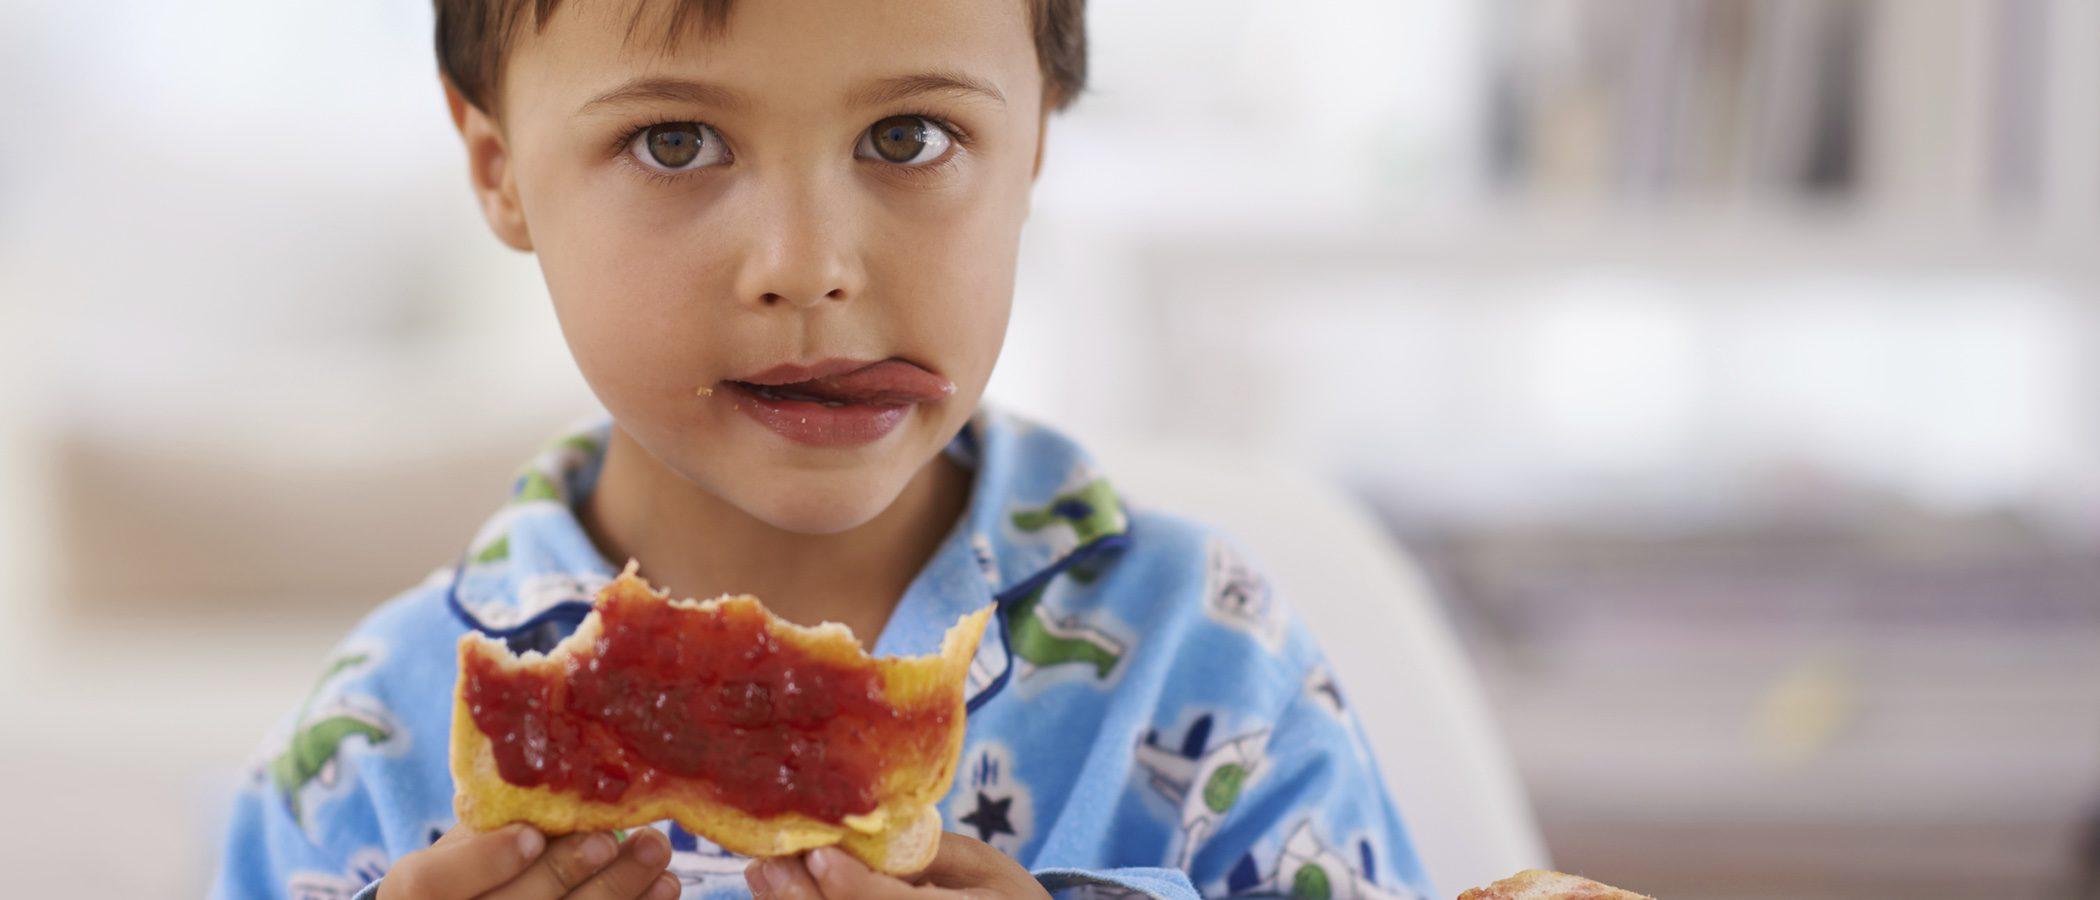 La importancia de desayunar antes de ir al colegio